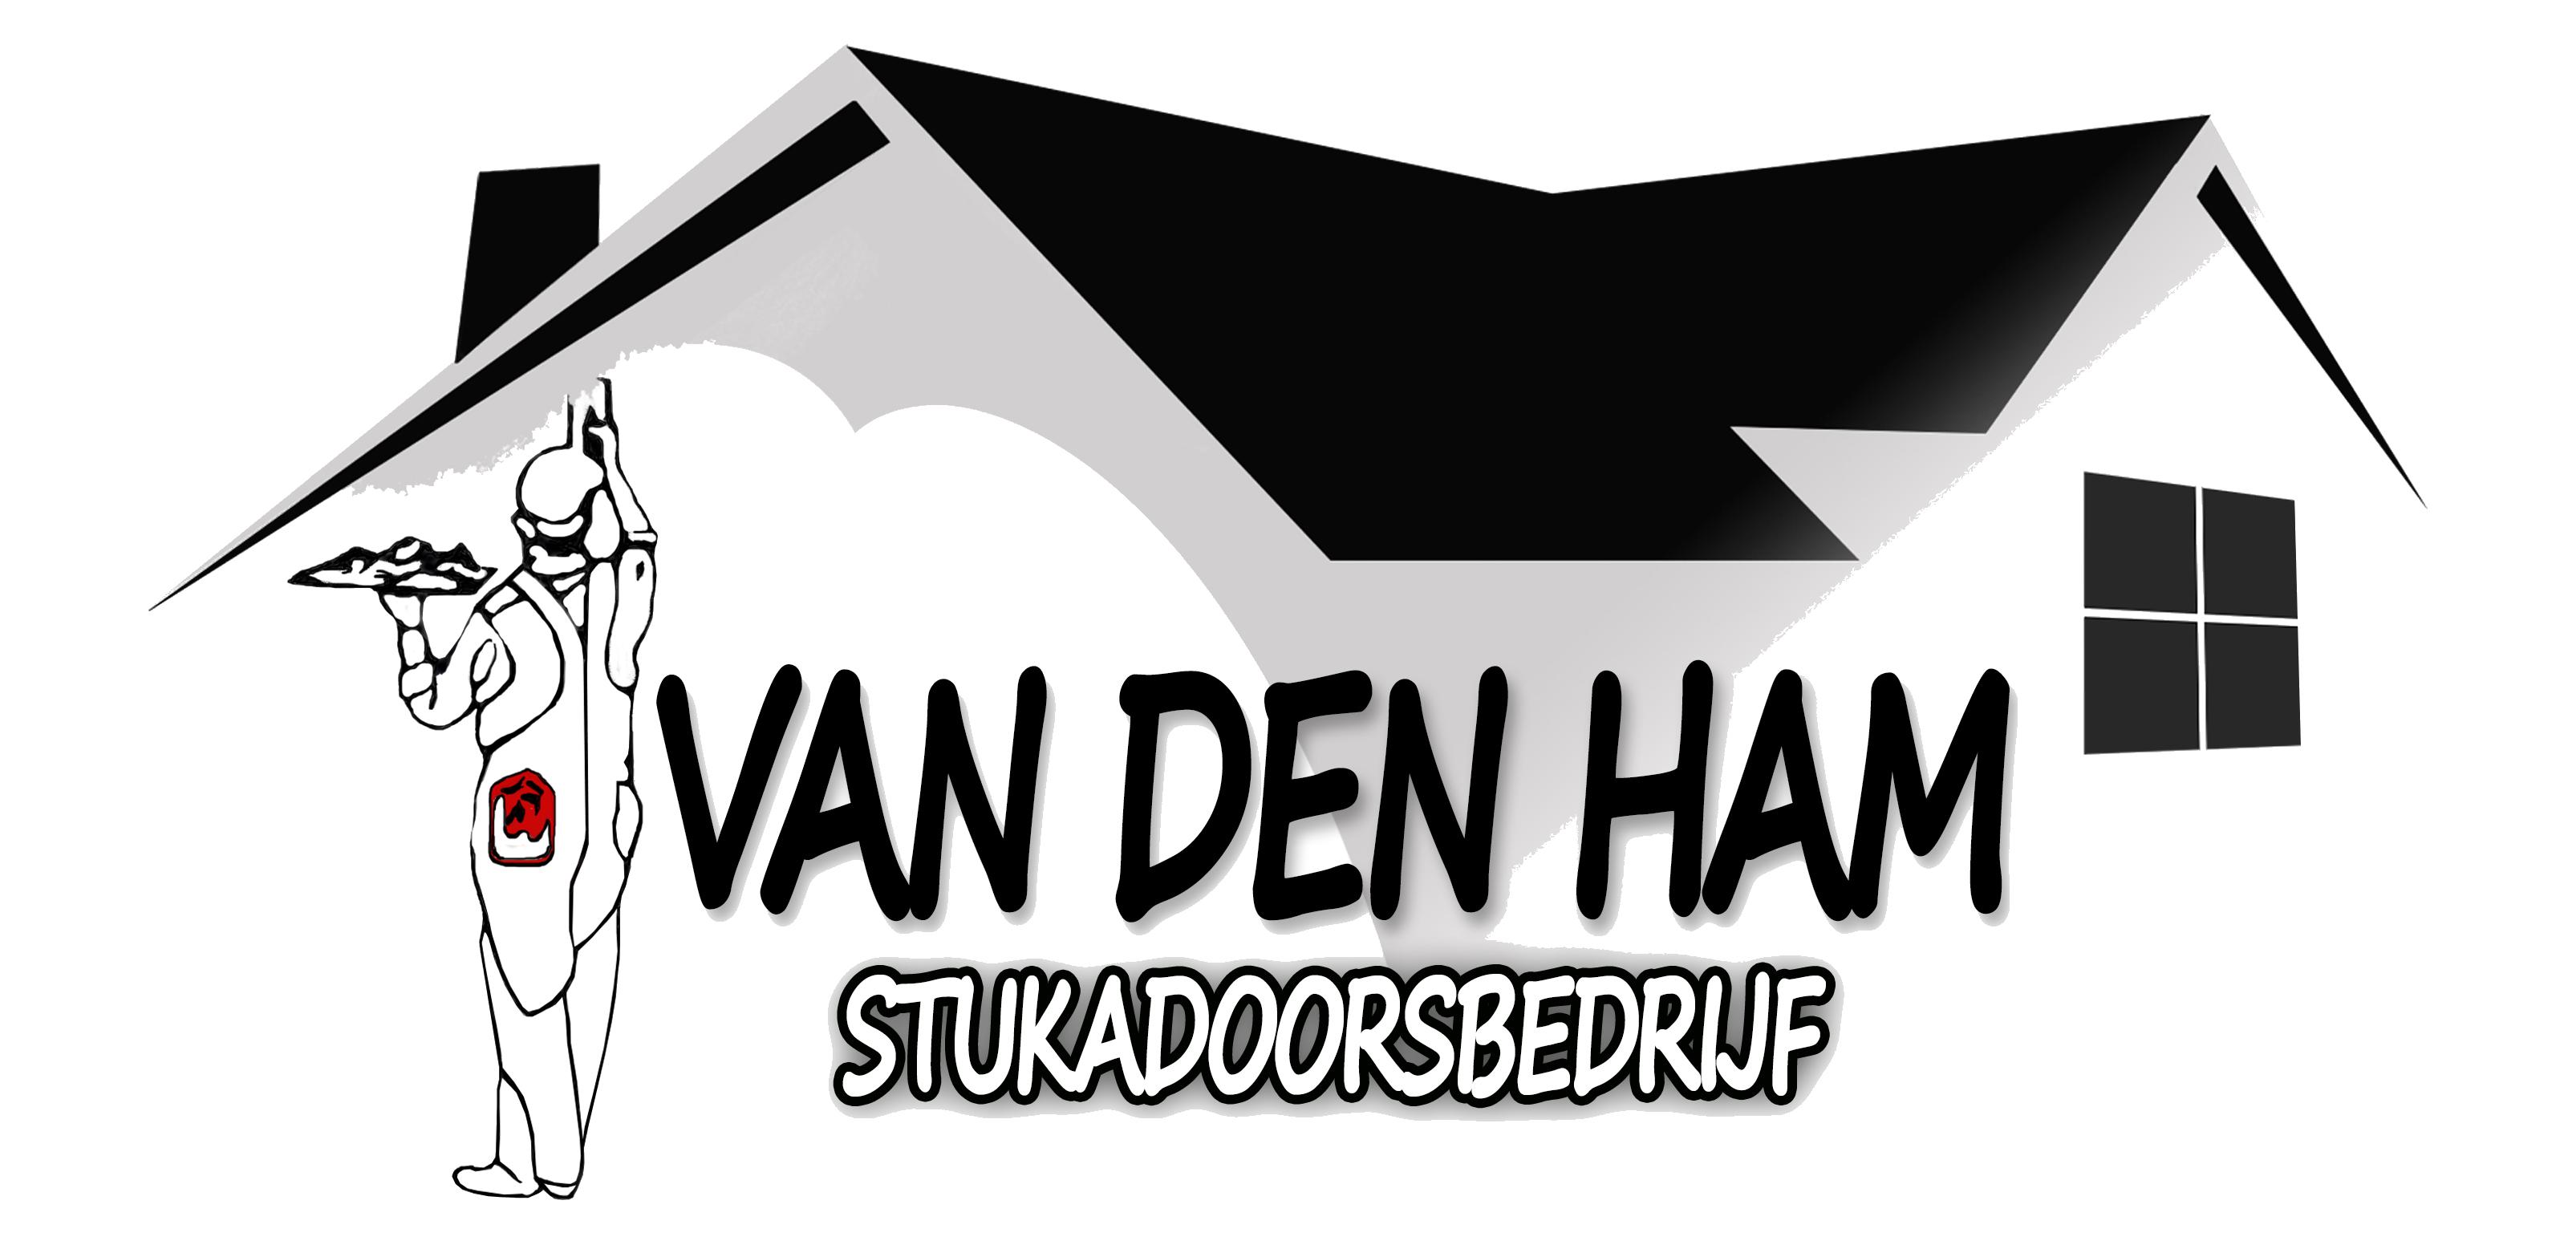 Van Den Ham Stukadoorsbedrijf